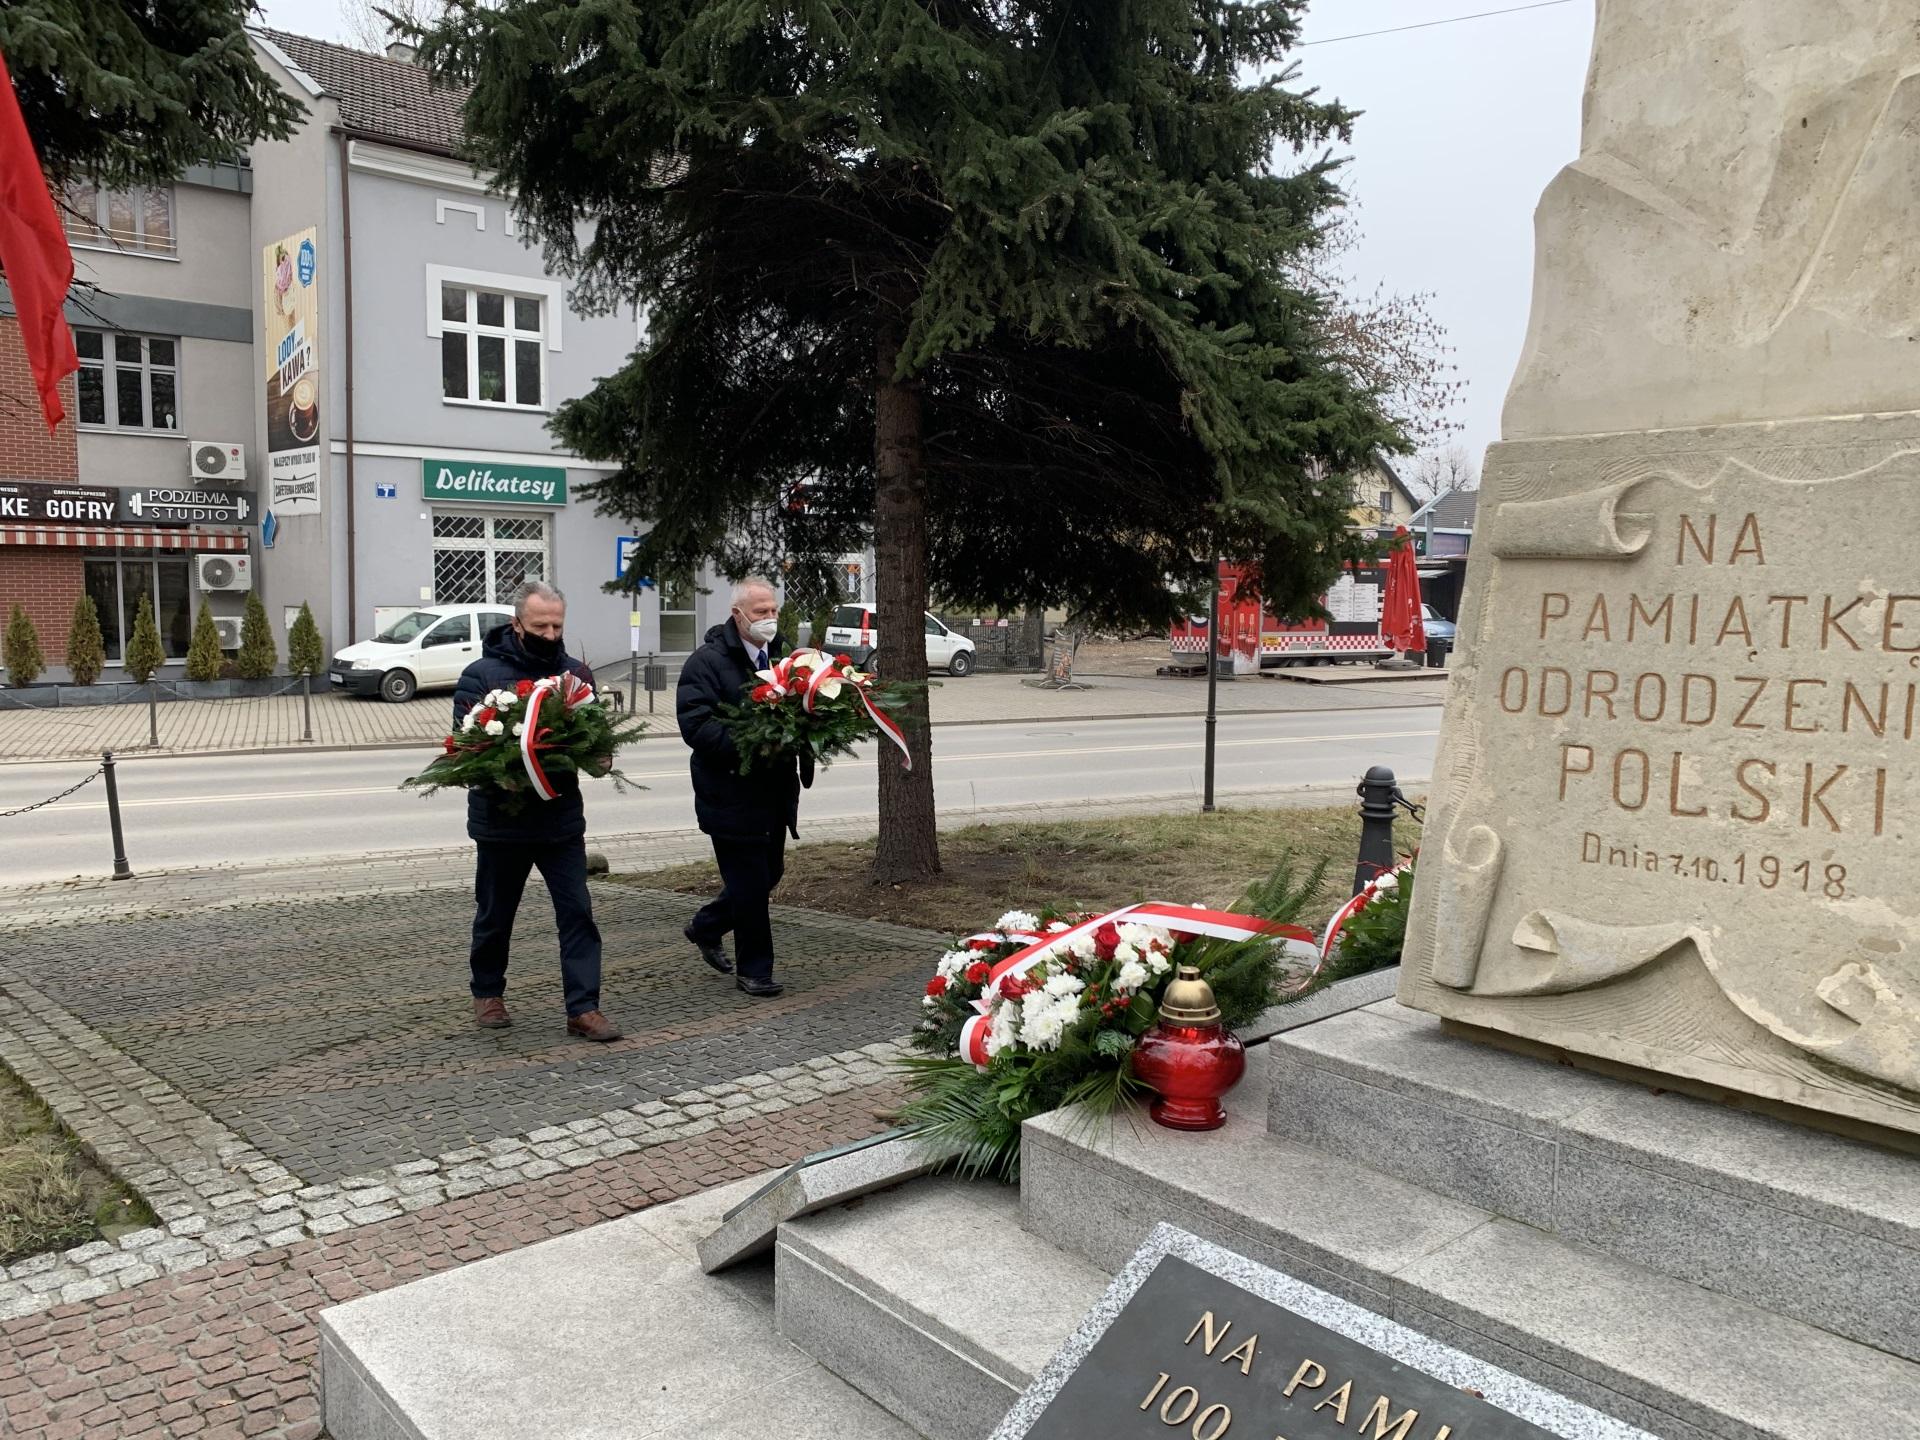 Wiązanki kwiatów w hołdzie Żołnierzom Niezłomnym niesie dwóch przedstawicieli działających przy kopalni związków zawodowych